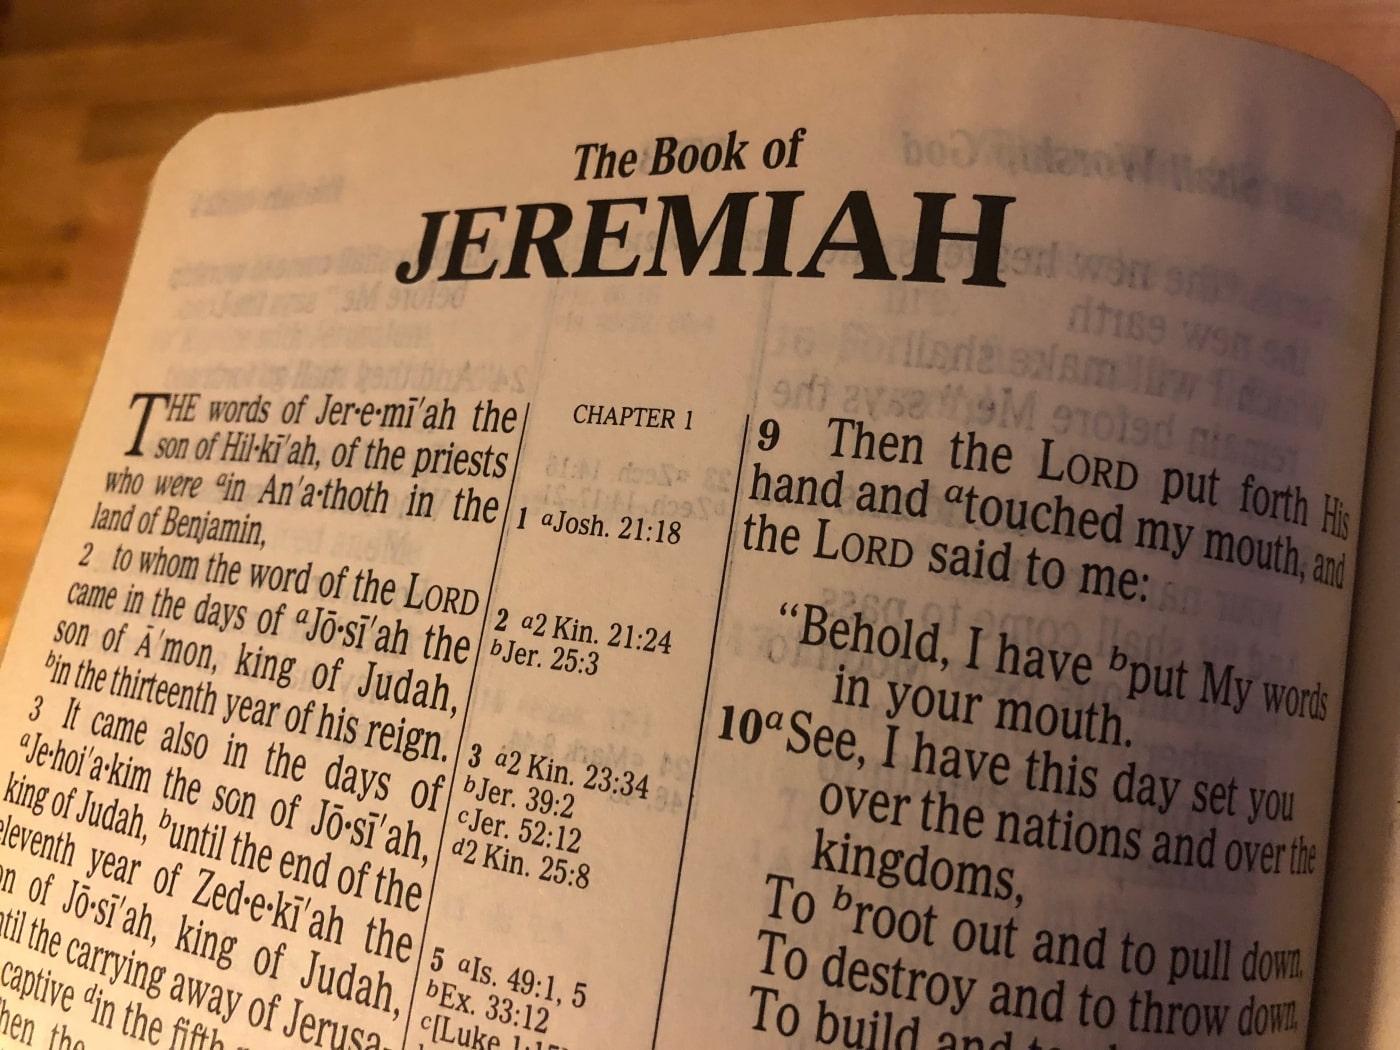 Jeremiah 43